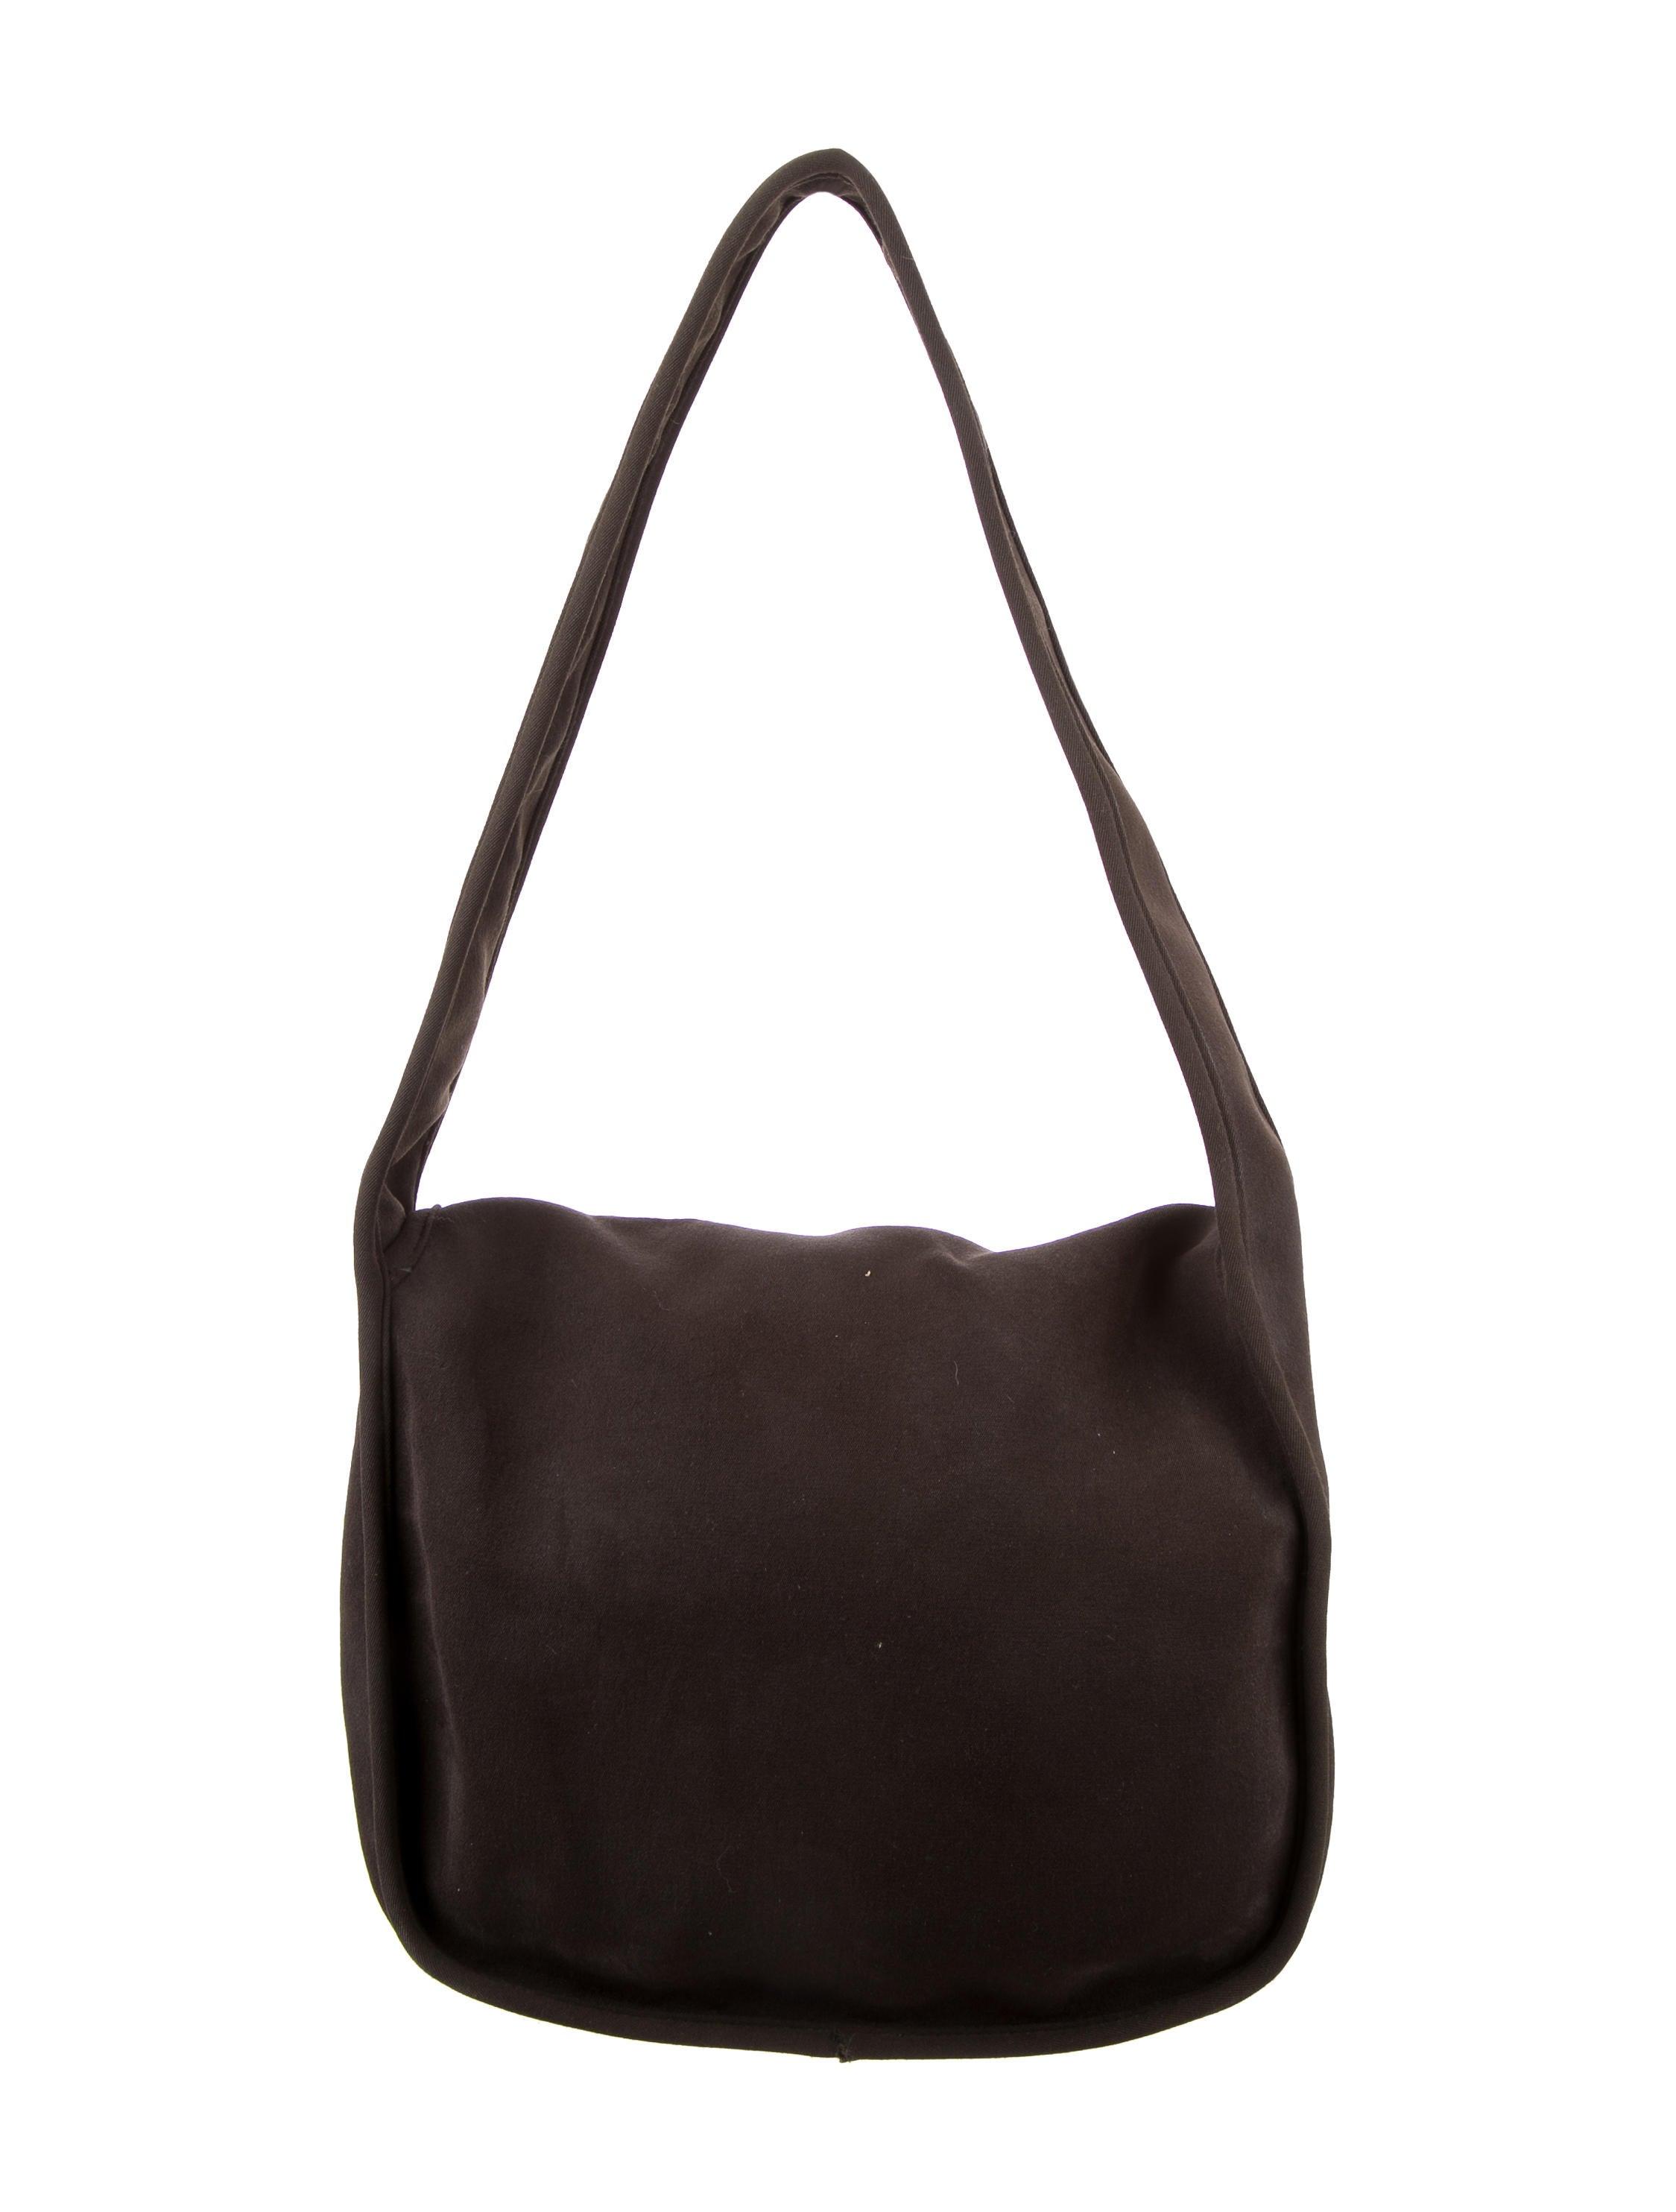 ... Miu Leather Miu Miu Miu Shoulder Miu Bag Miu Miu Leather Leather Bag  Shoulder Shoulder Bag ... 6d82682355670